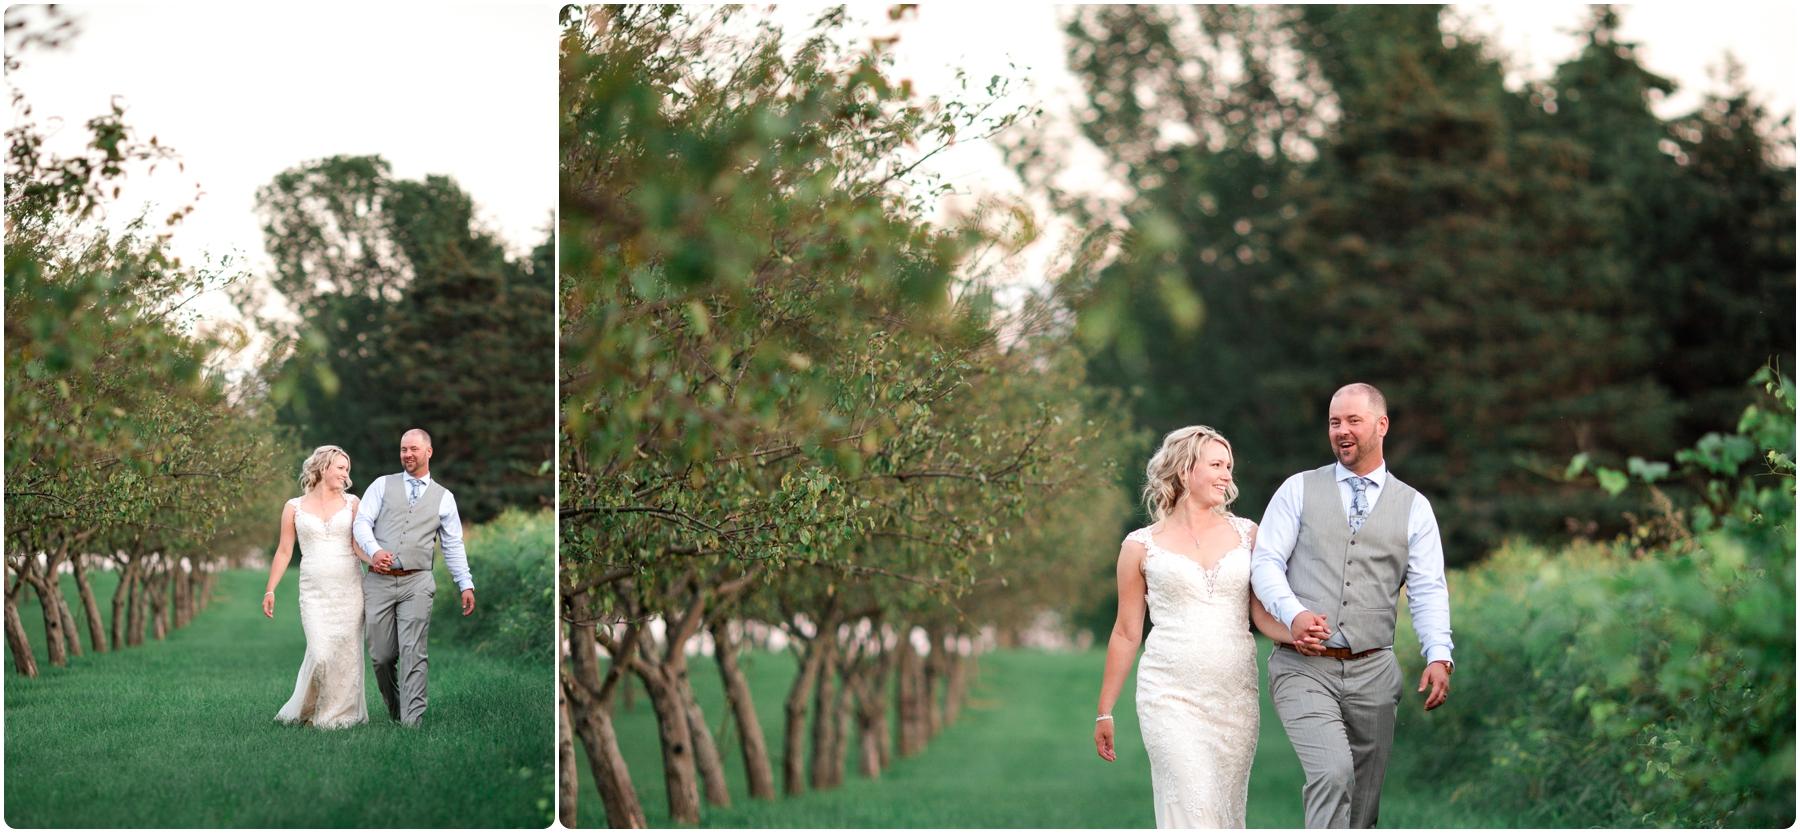 Katie+Jeff Bloom Field Garden_0131